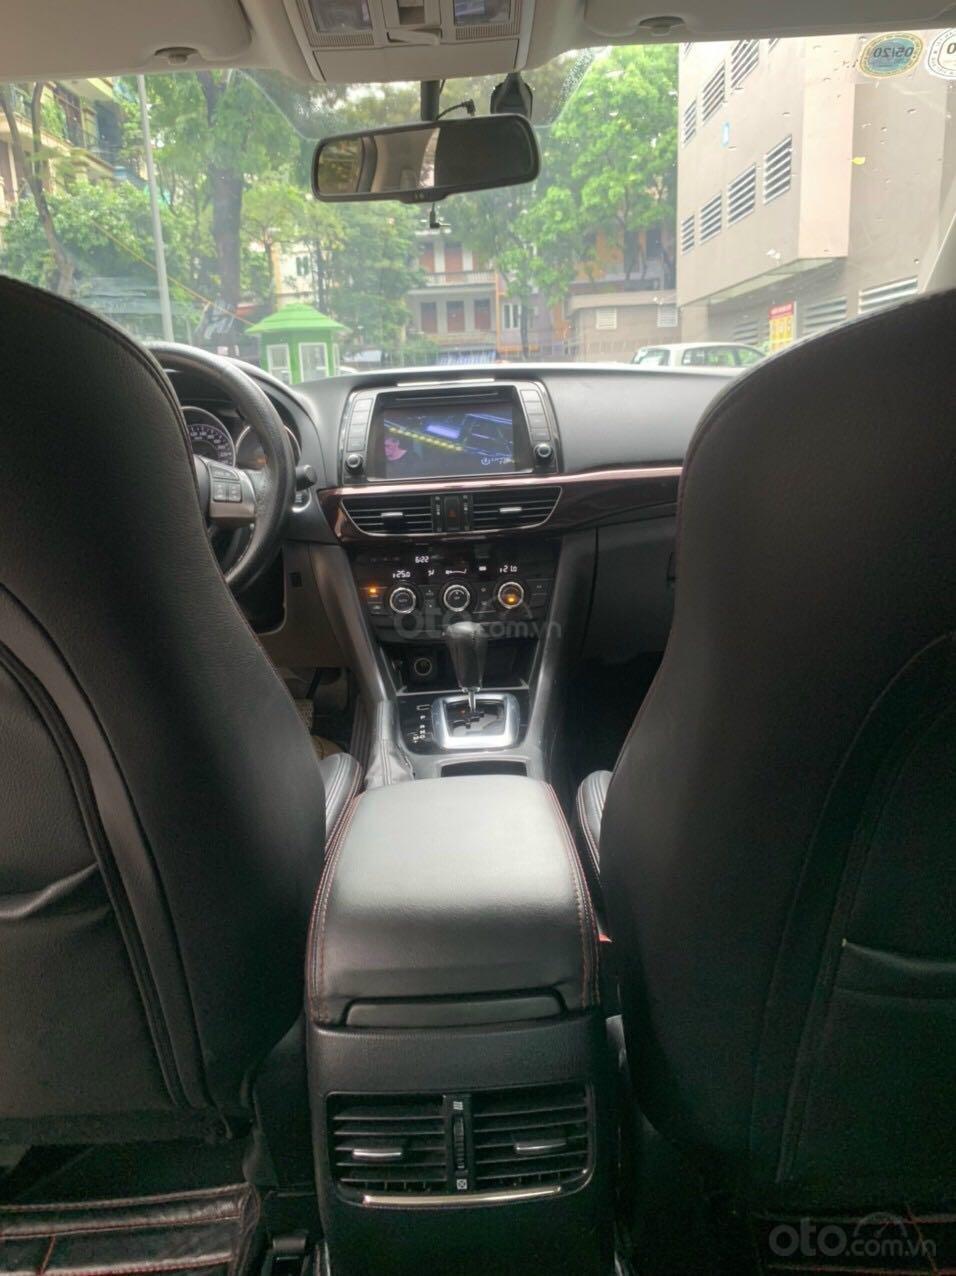 Cần bán Mazda 6 Premium SX 2016 AT, màu trắng, máy nguyên, tư nhân chính chủ (10)